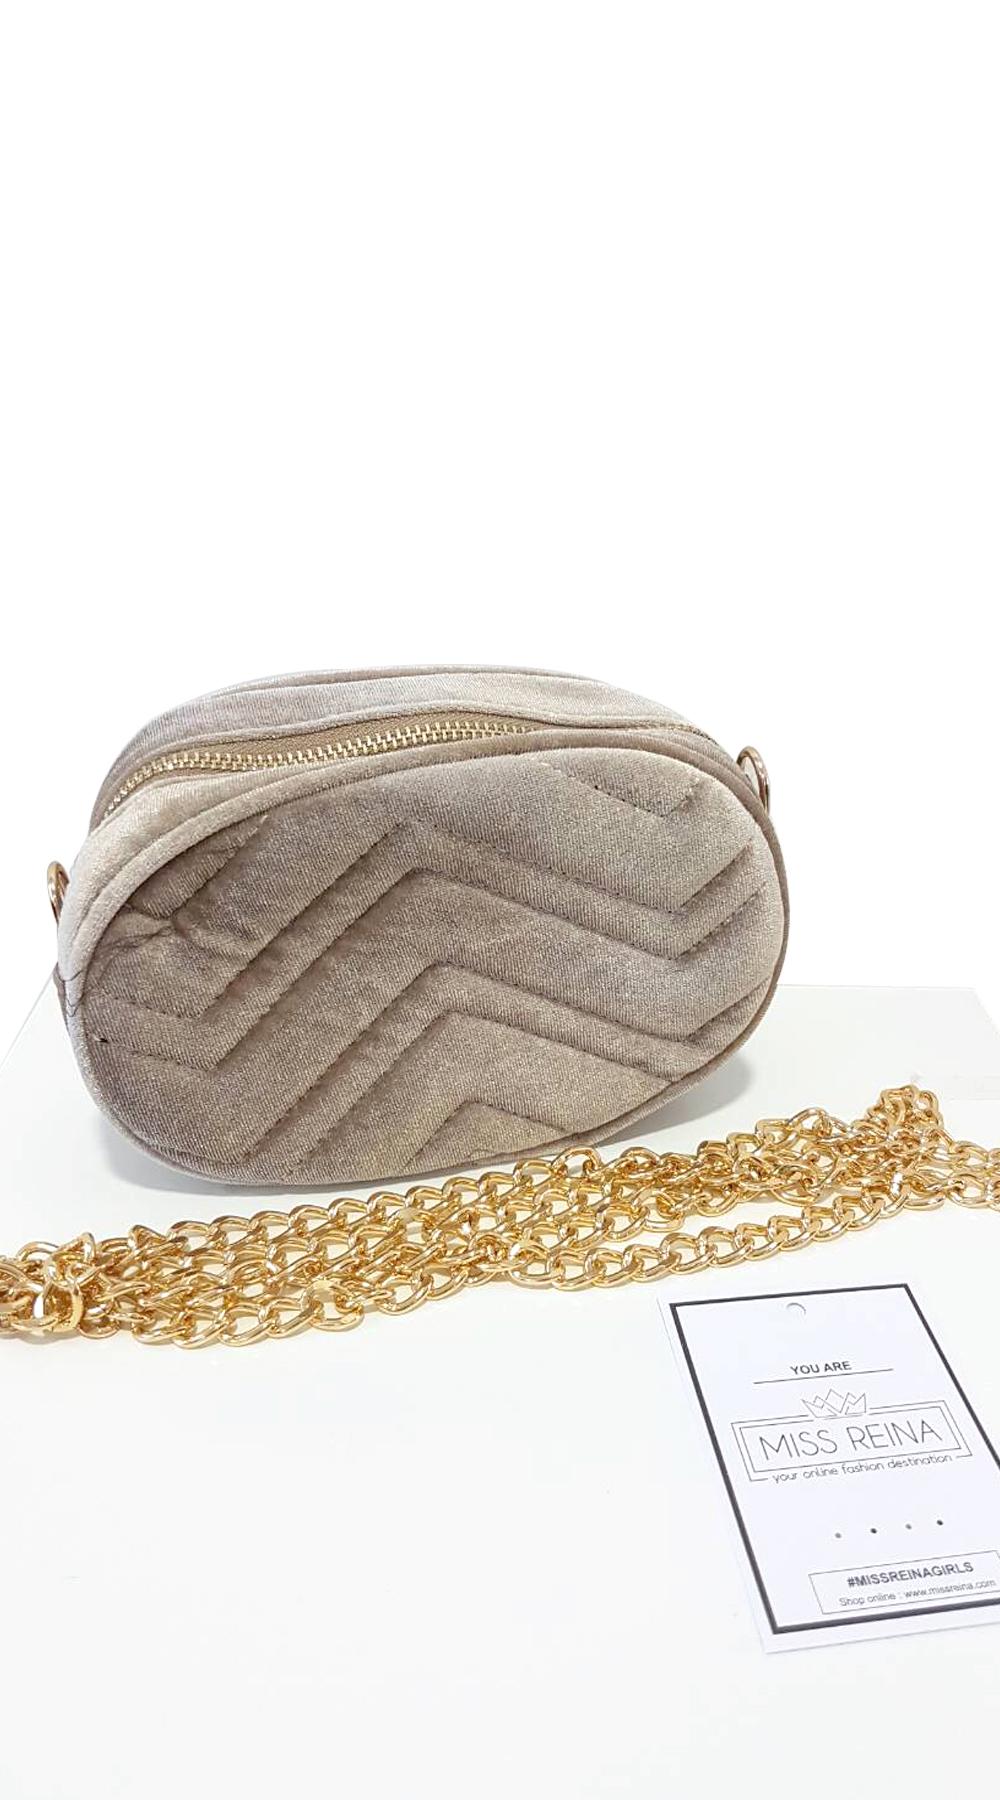 Βελούδινο Belt Bag - MissReina - FA18AC-62924 top trends bags   shoes missreina